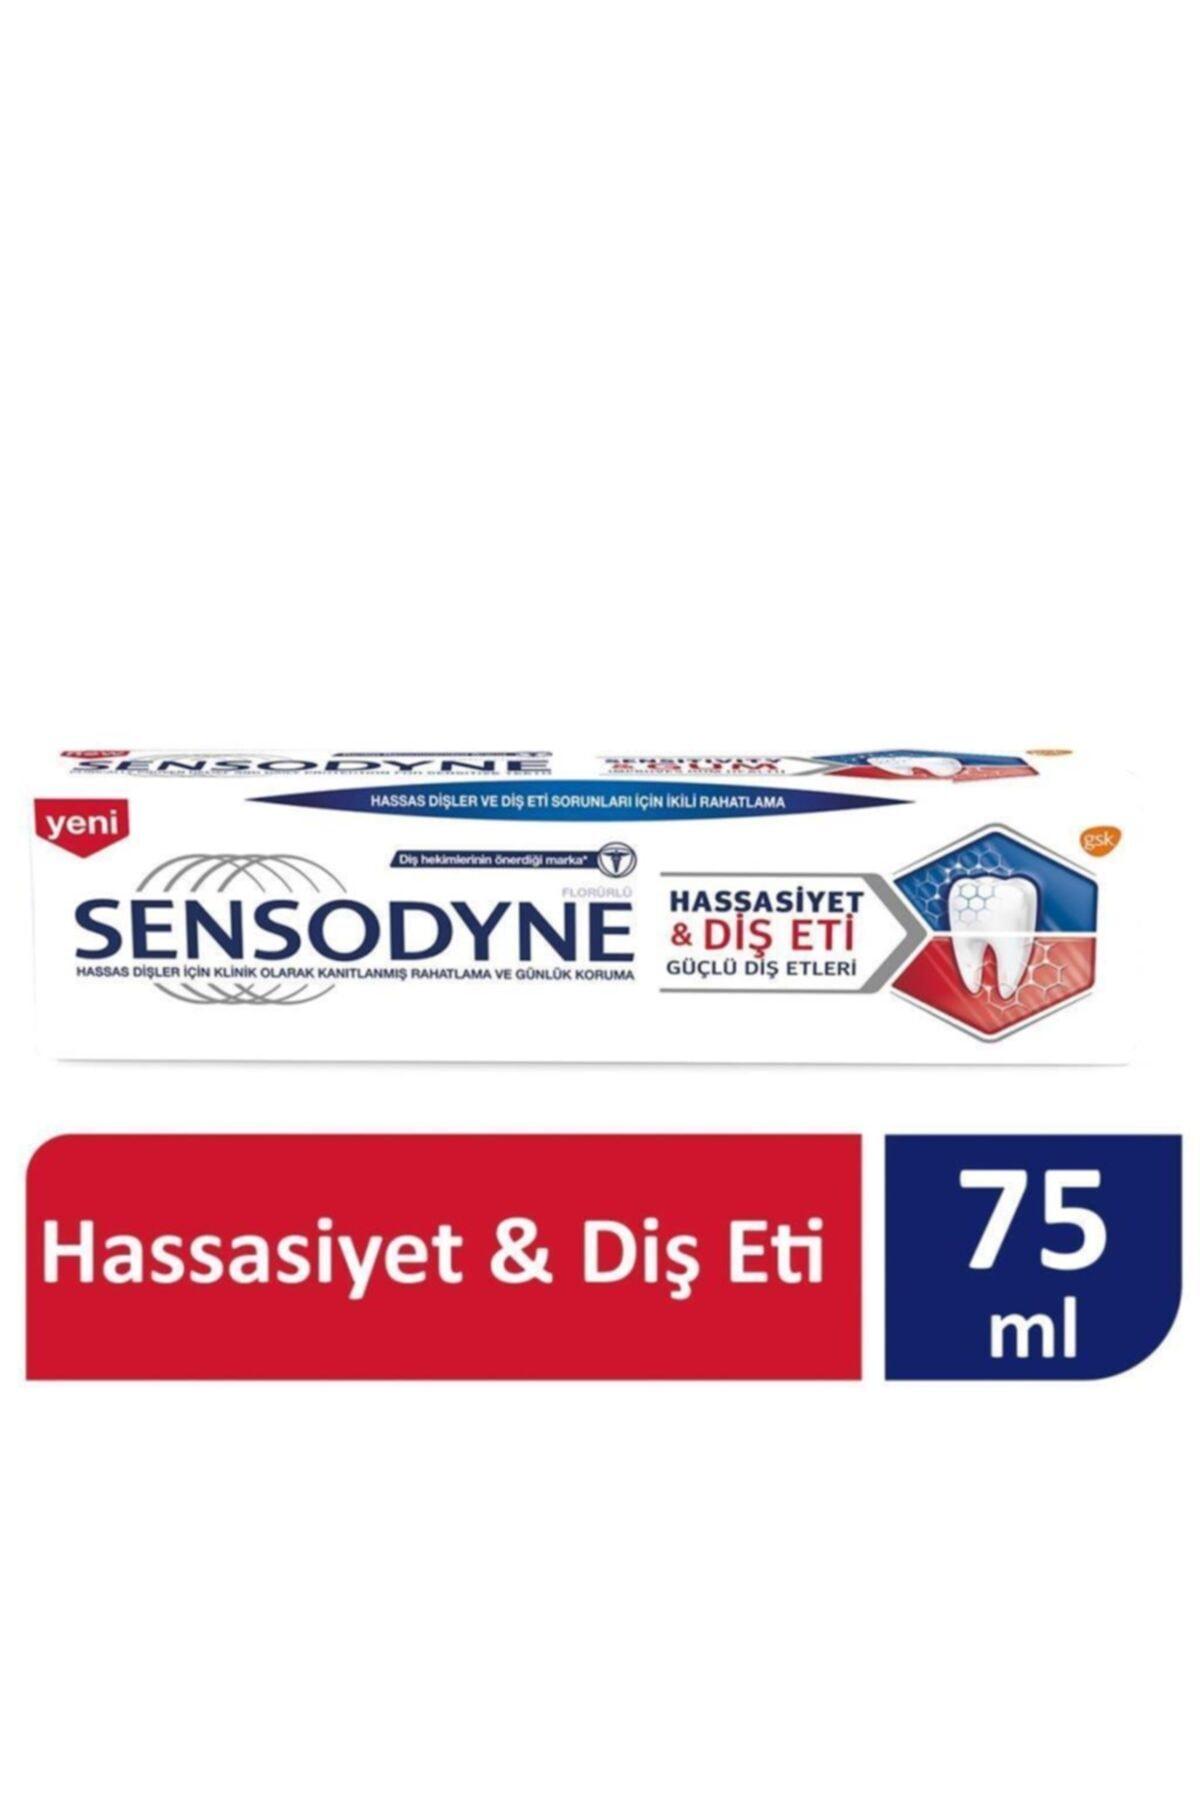 Sensodyne Hassasiyet & Diş Eti Diş Macunu 75 ml 1